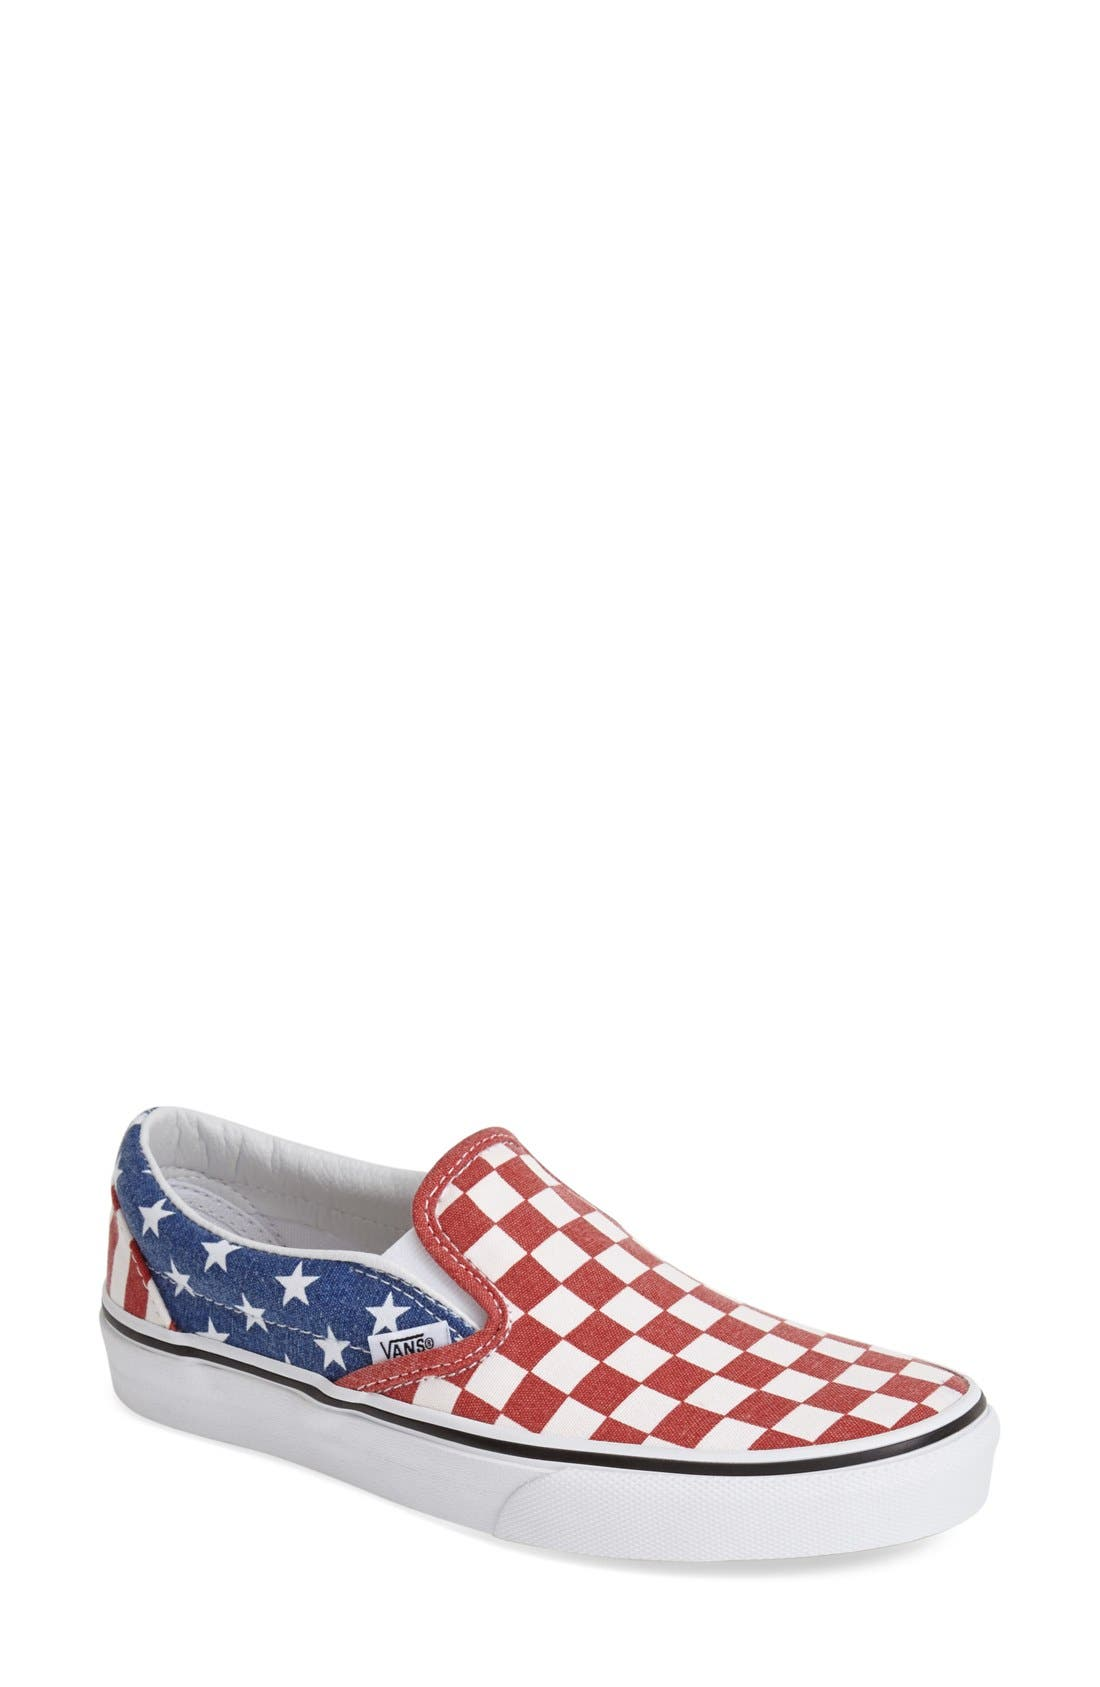 Main Image - Vans 'Van Doren' Slip-On Sneaker (Women)